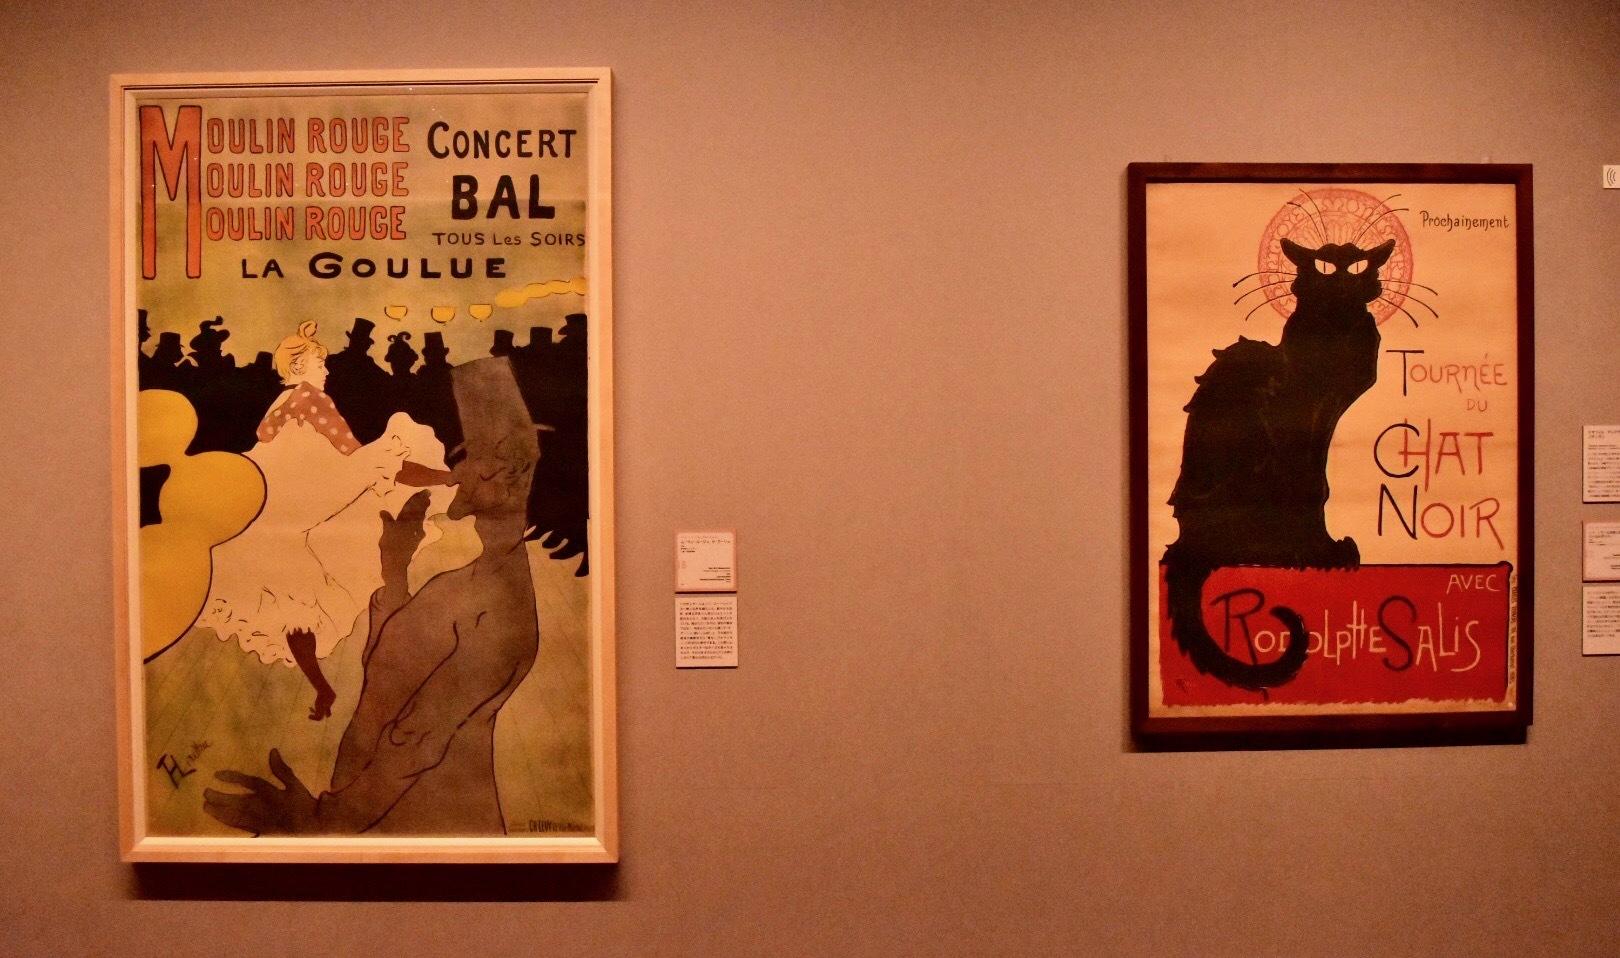 左:アンリ・ド・トゥールーズ=ロートレック《ムーラン・ルージュ、ラ・グーリュ》1891年 右:テオフィル・アレクサンドル・スタンラン《シャ・ノワール巡回公演のためのポスター》1896年